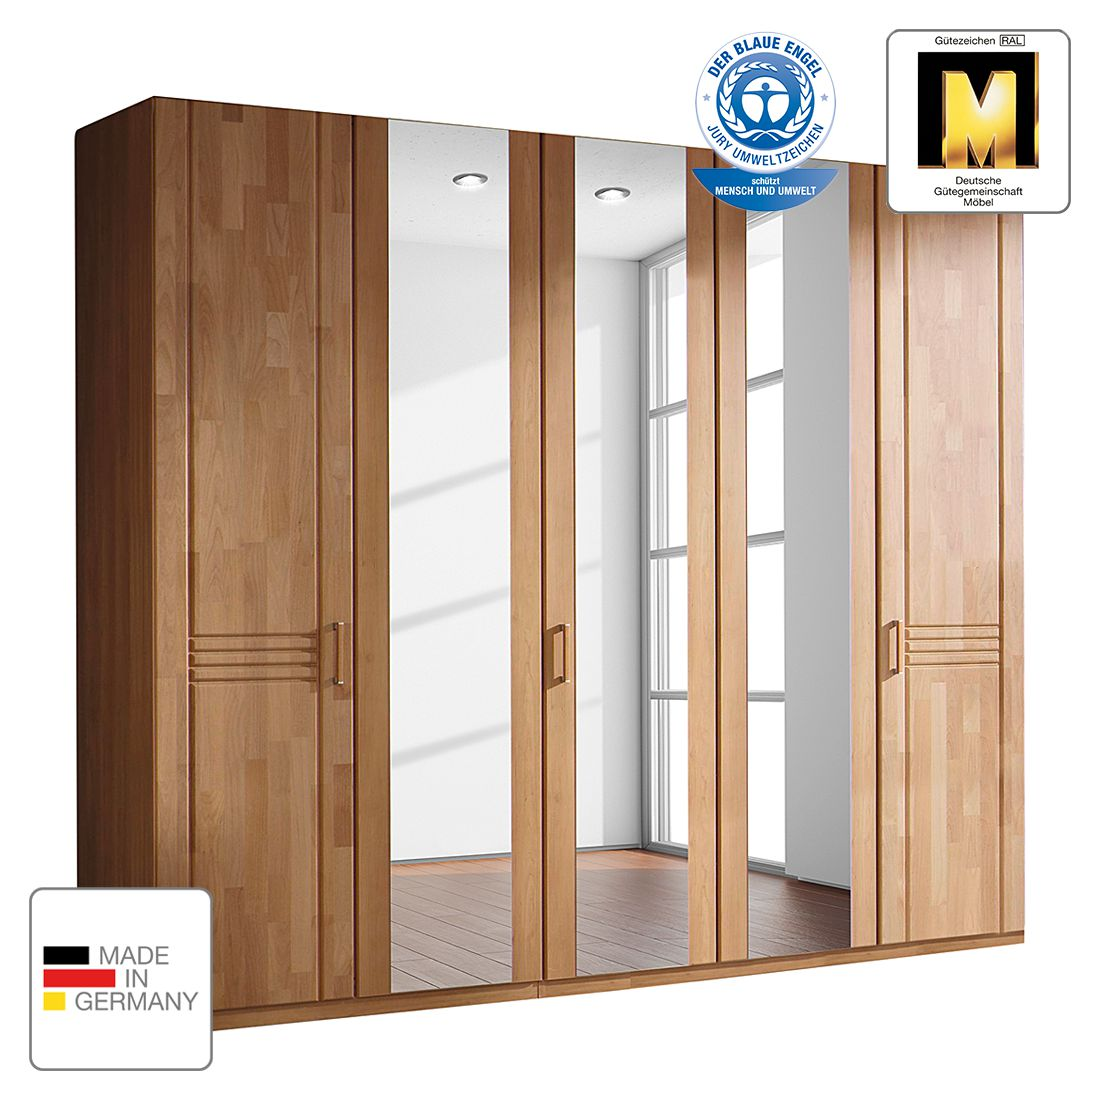 goedkoop Draaideurkast Savina Els 235cm 5 deurs 2 spiegeldeuren Zonder Passe partout lijst Rauch Steffen